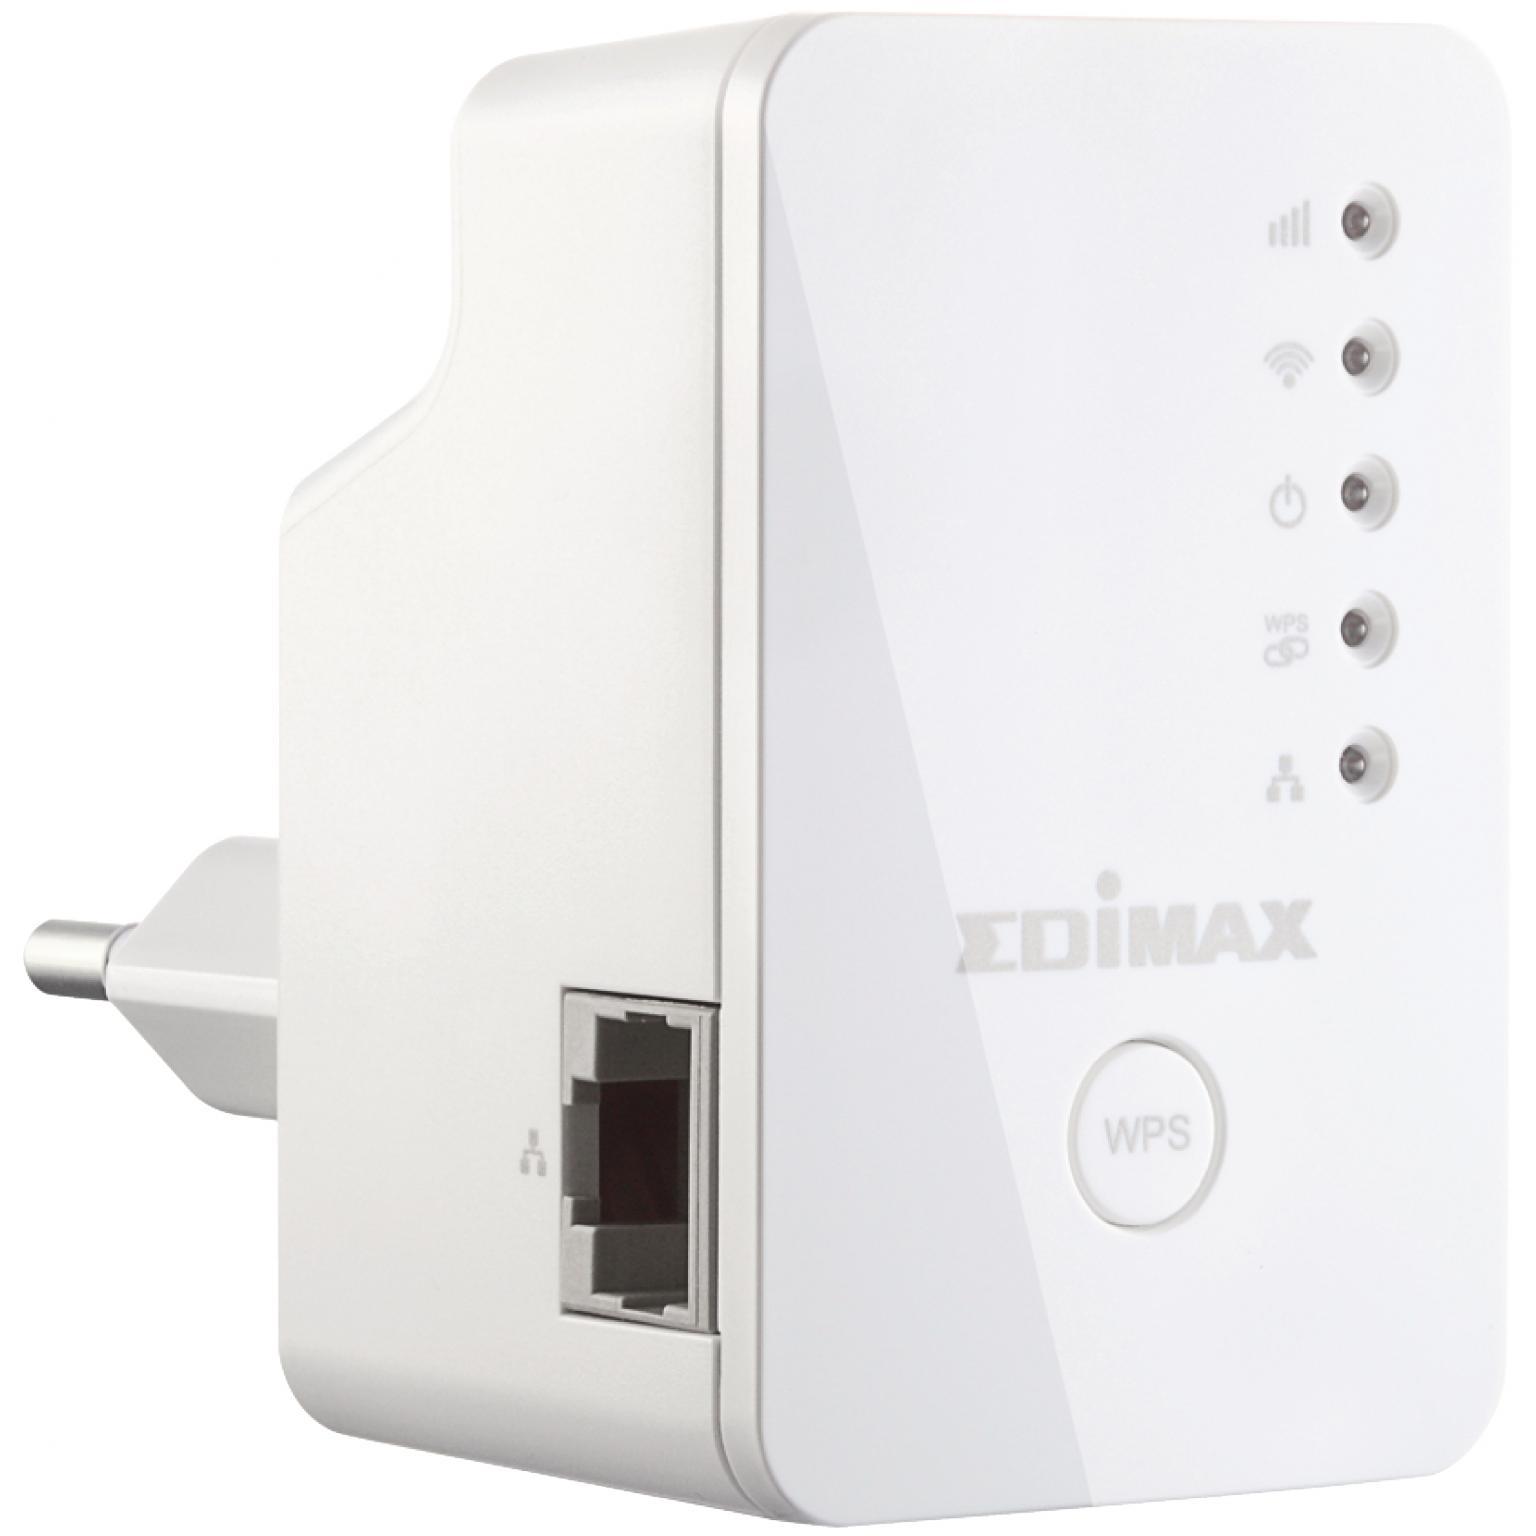 Afbeelding van Draadloze WI FI versterker N300 2.4 GHz 300 Mbps